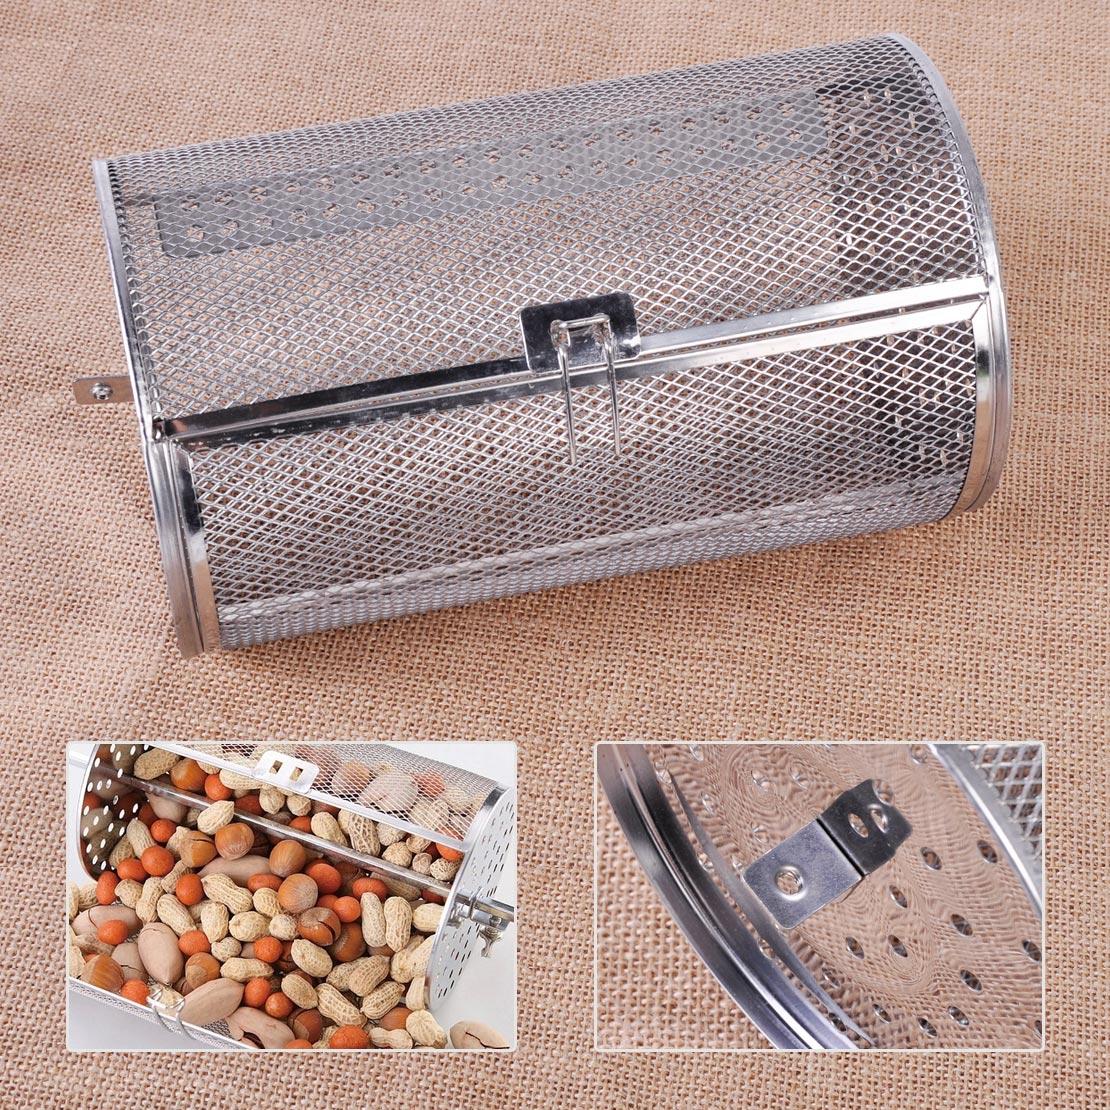 Achetez en gros r tisserie griller en ligne des grossistes r tisserie griller chinois - Comment griller des arachides ...